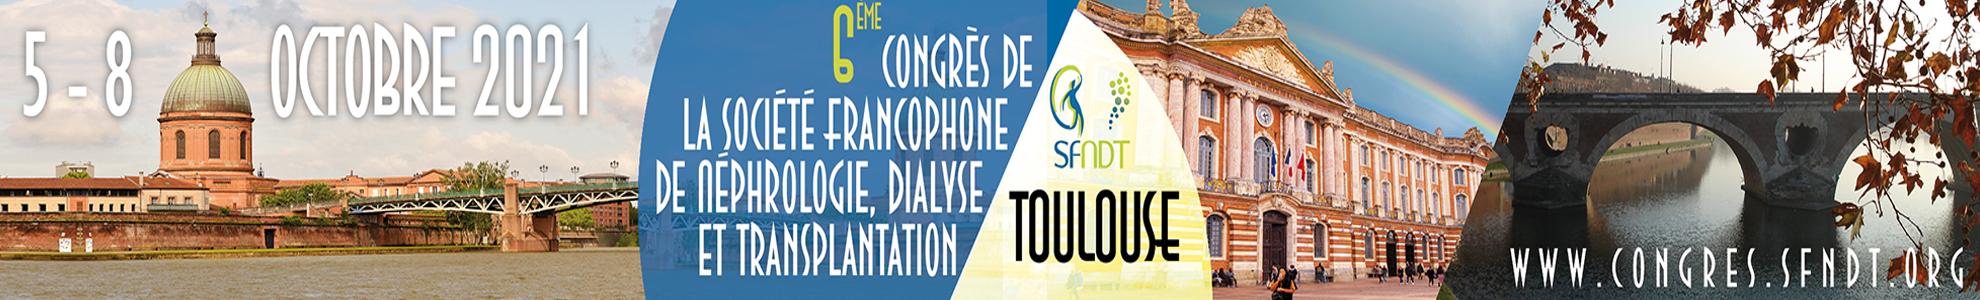 Congrès de la SFNDT @ Centre de Congrès Pierre Baudis | Toulouse | Occitanie | France